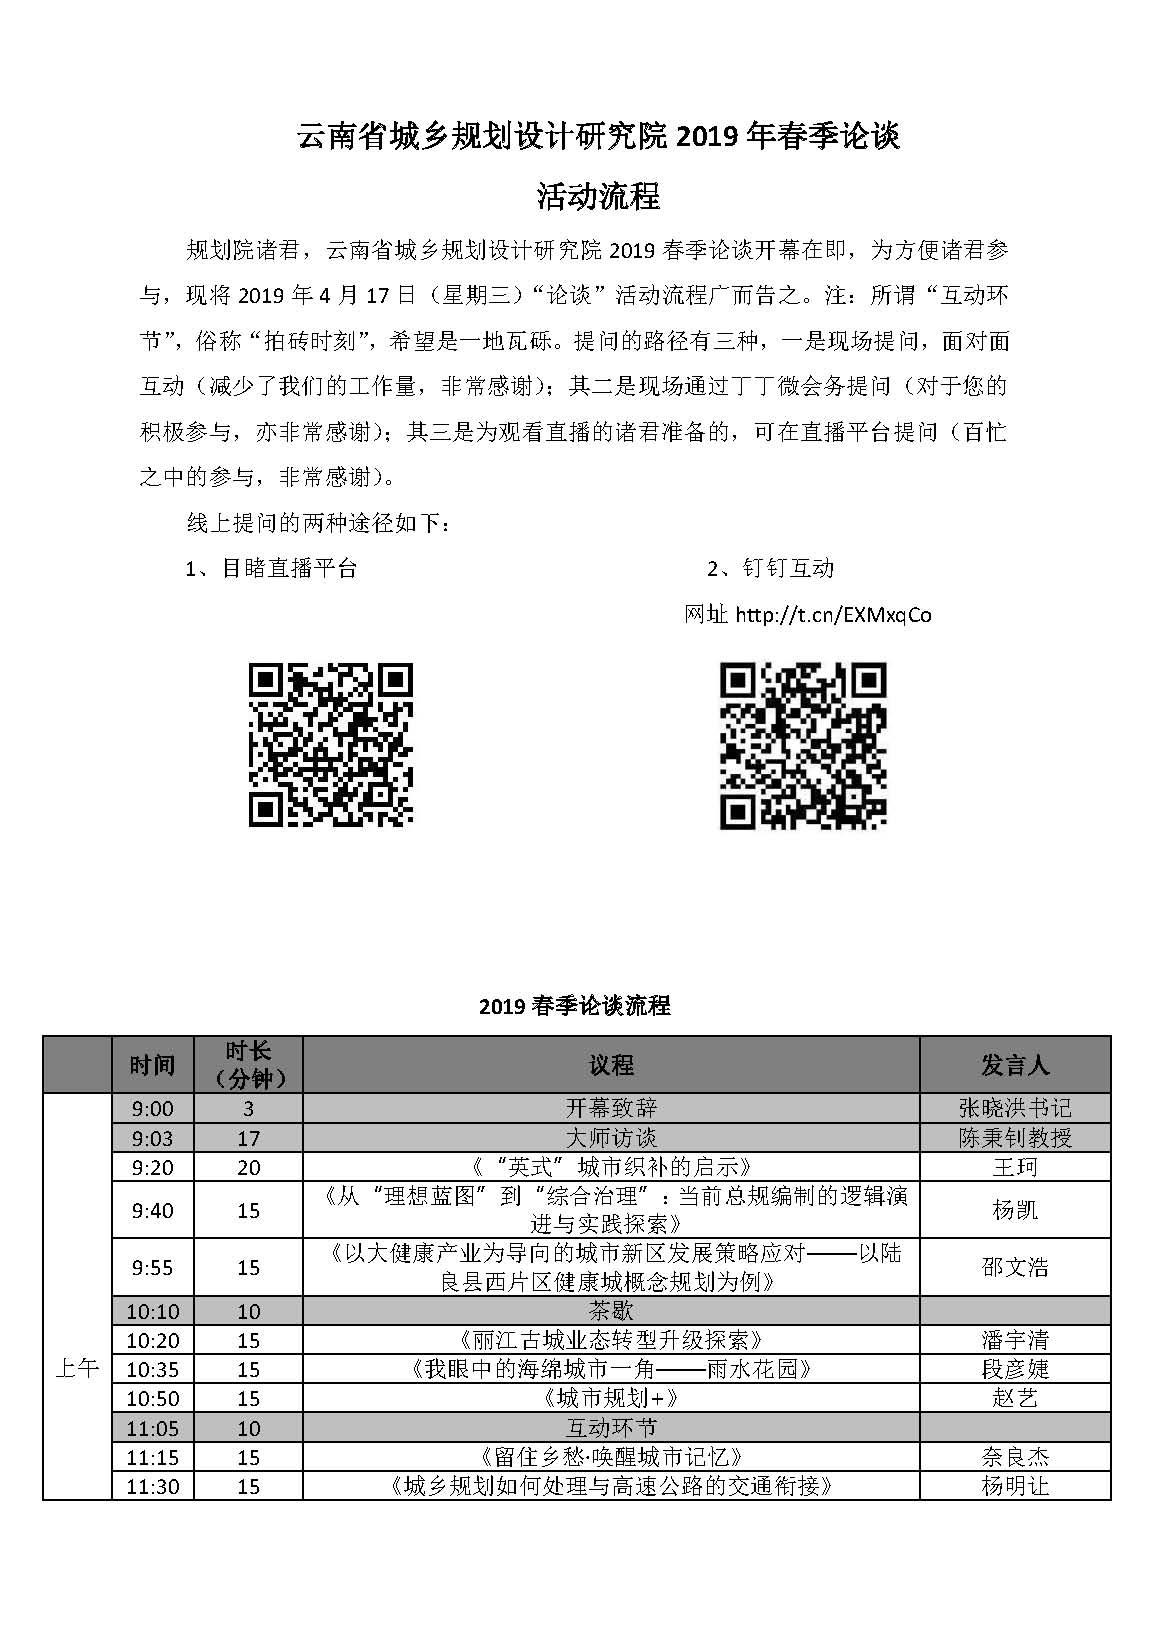 2019春季论谈流程_页面_1.jpg